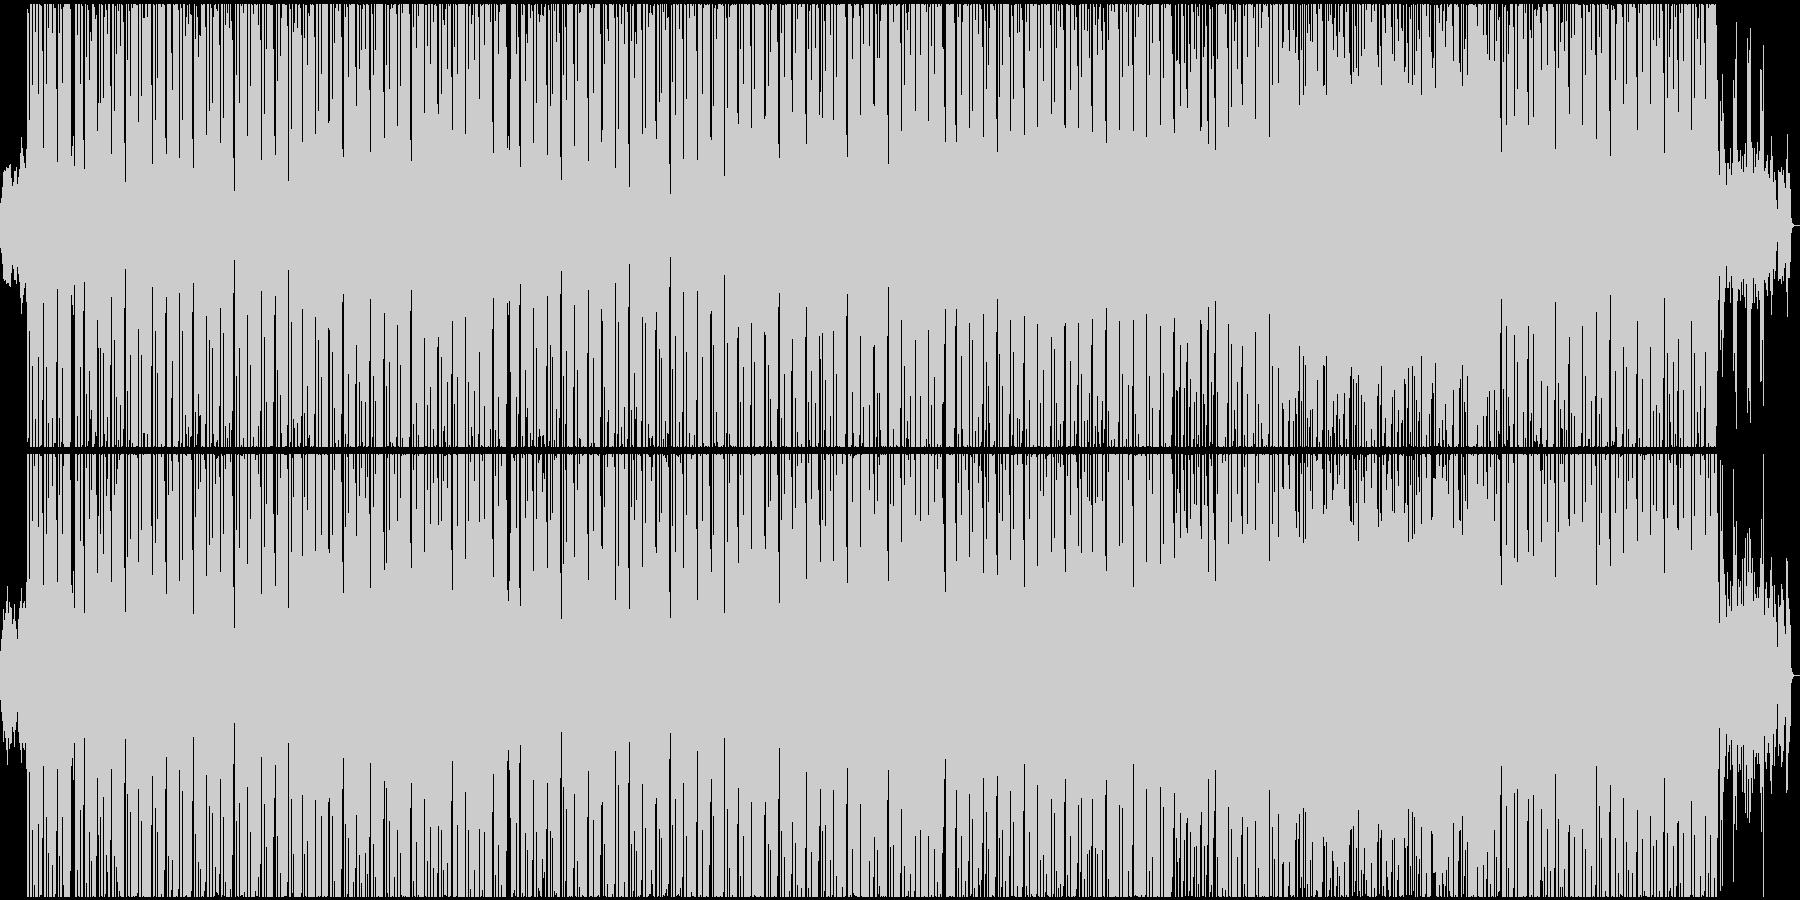 ハーモニカが印象的なダンスポップの未再生の波形